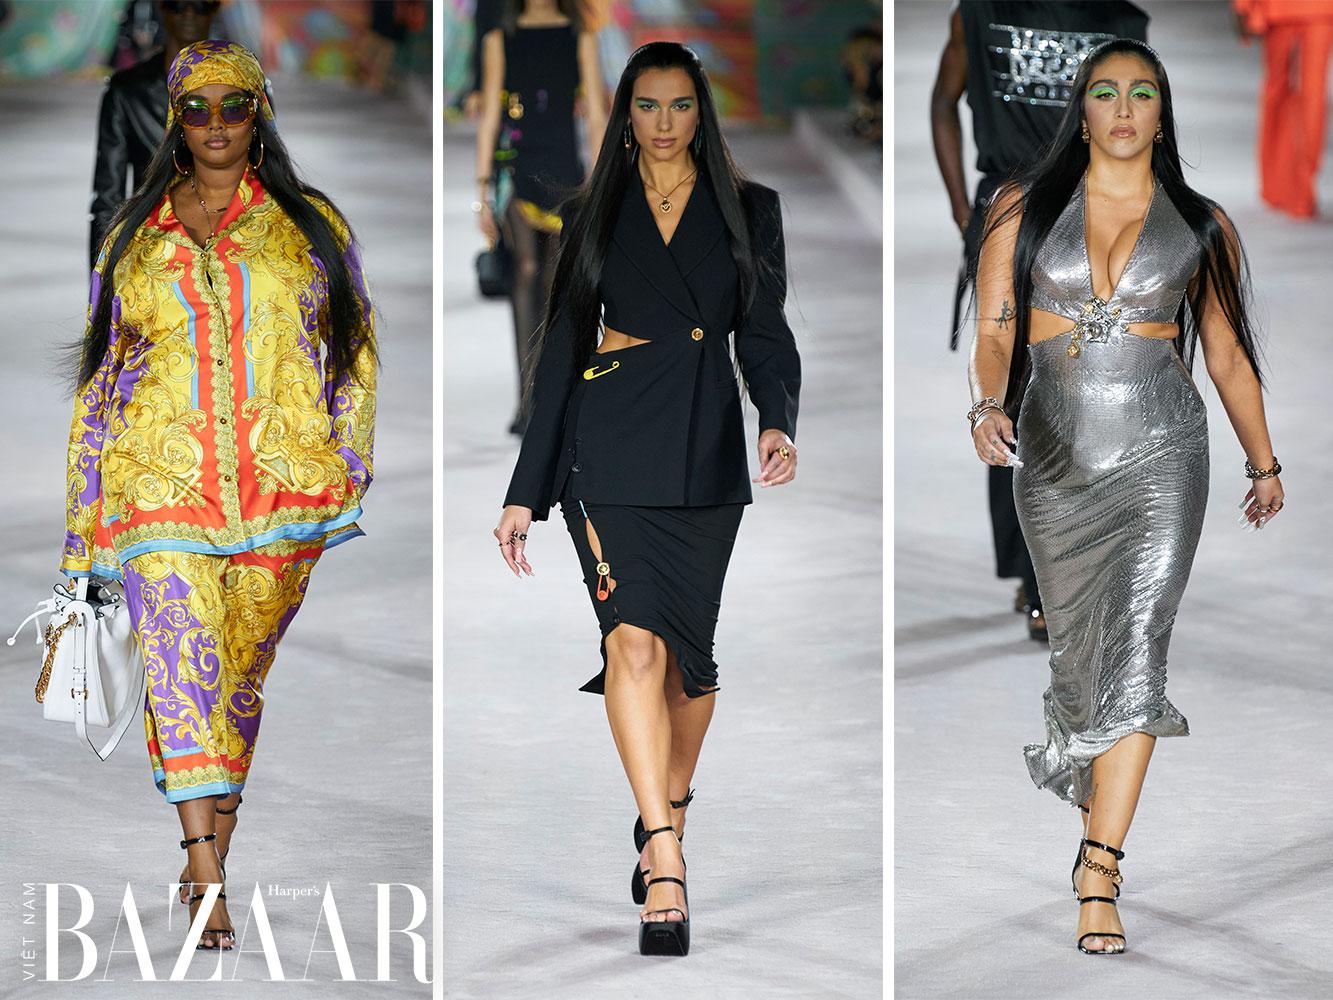 Versace Xuân Hè 2022 tái giới thiệu bản sắc Versace đến Gen Z 1